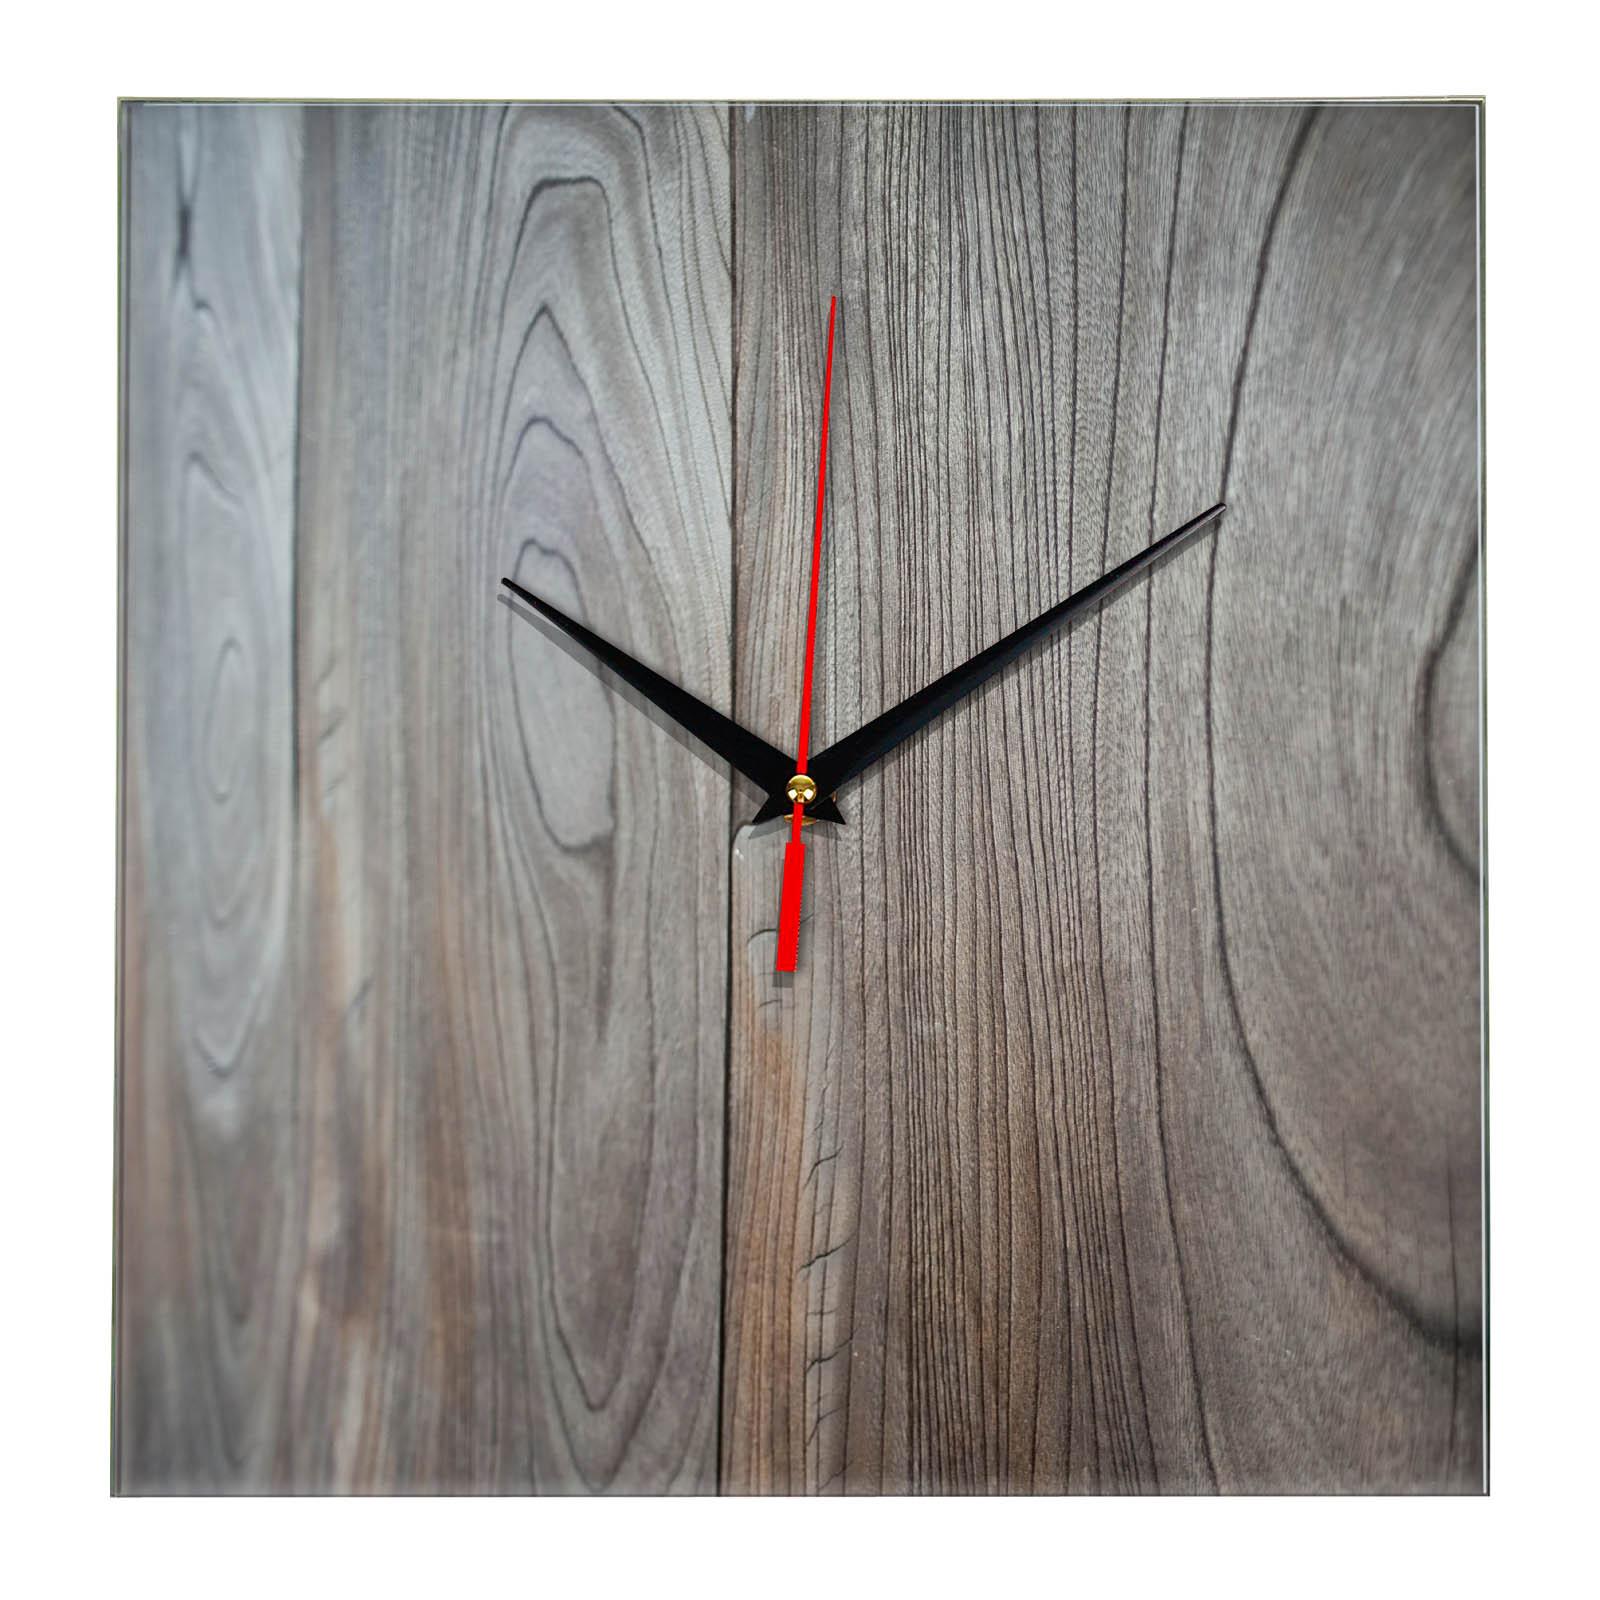 woodglass15_0017_svetl-kvadtat